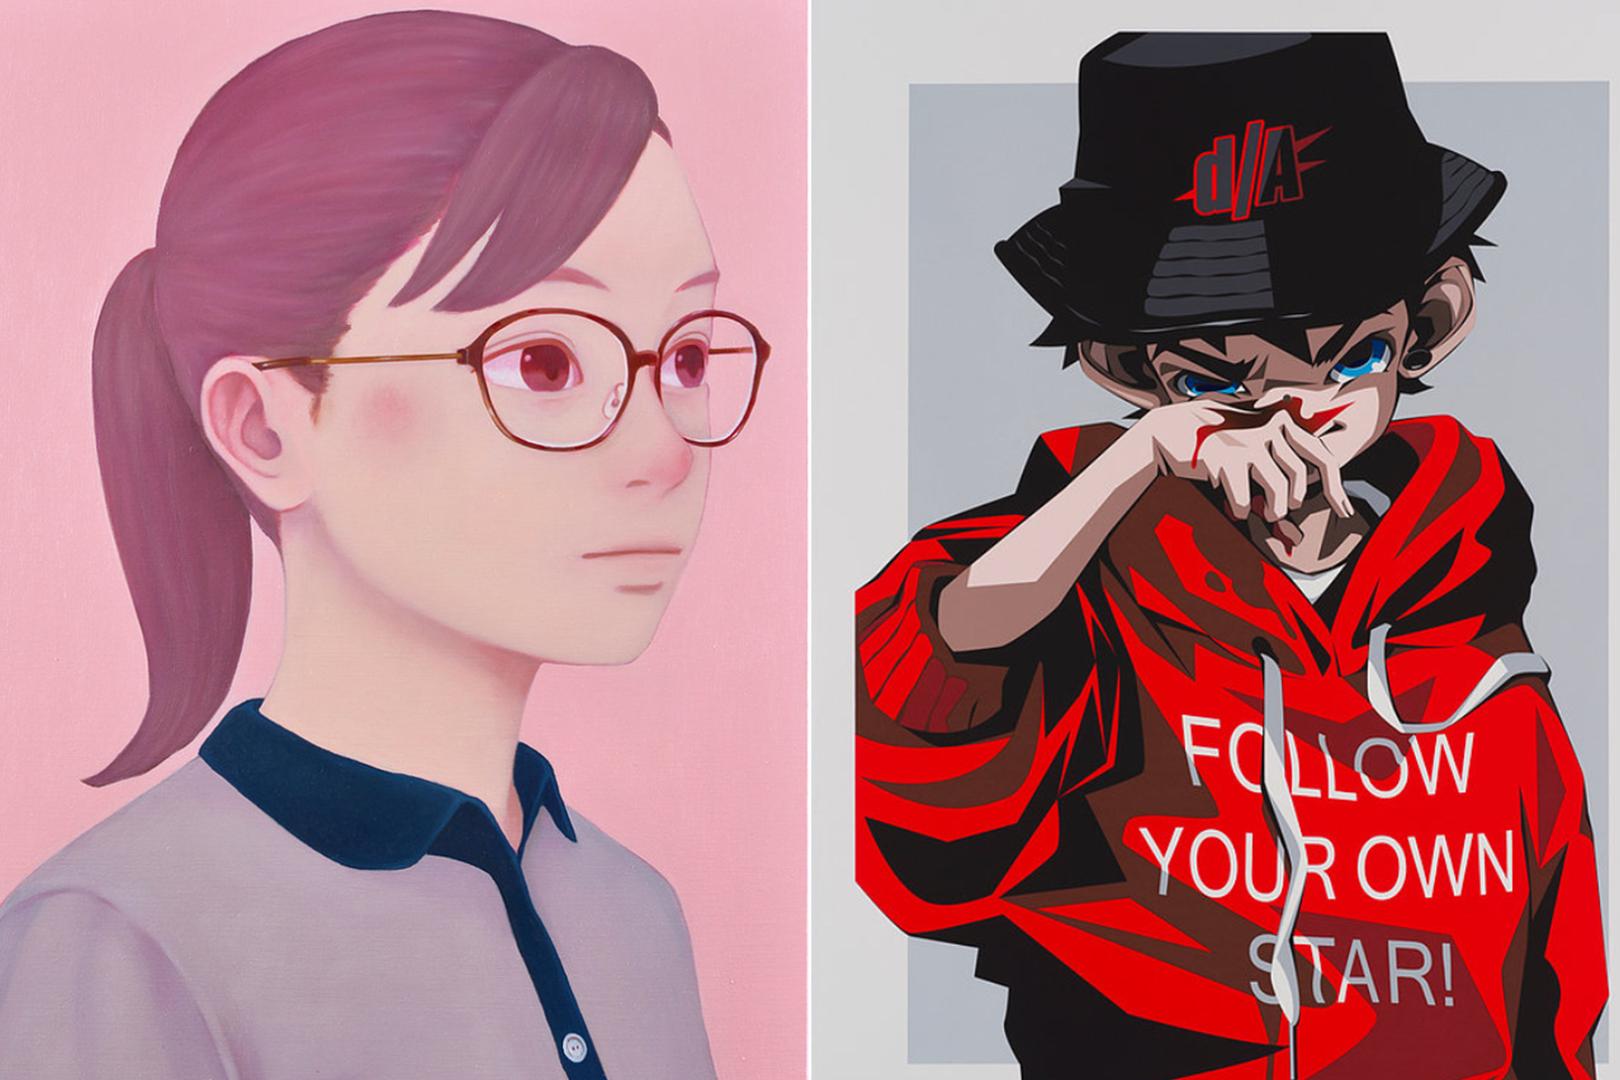 《動漫未來》席捲誠品畫廊!台日澳馬韓25位藝術家、百餘件動漫創作,打造奇幻二次元展覽